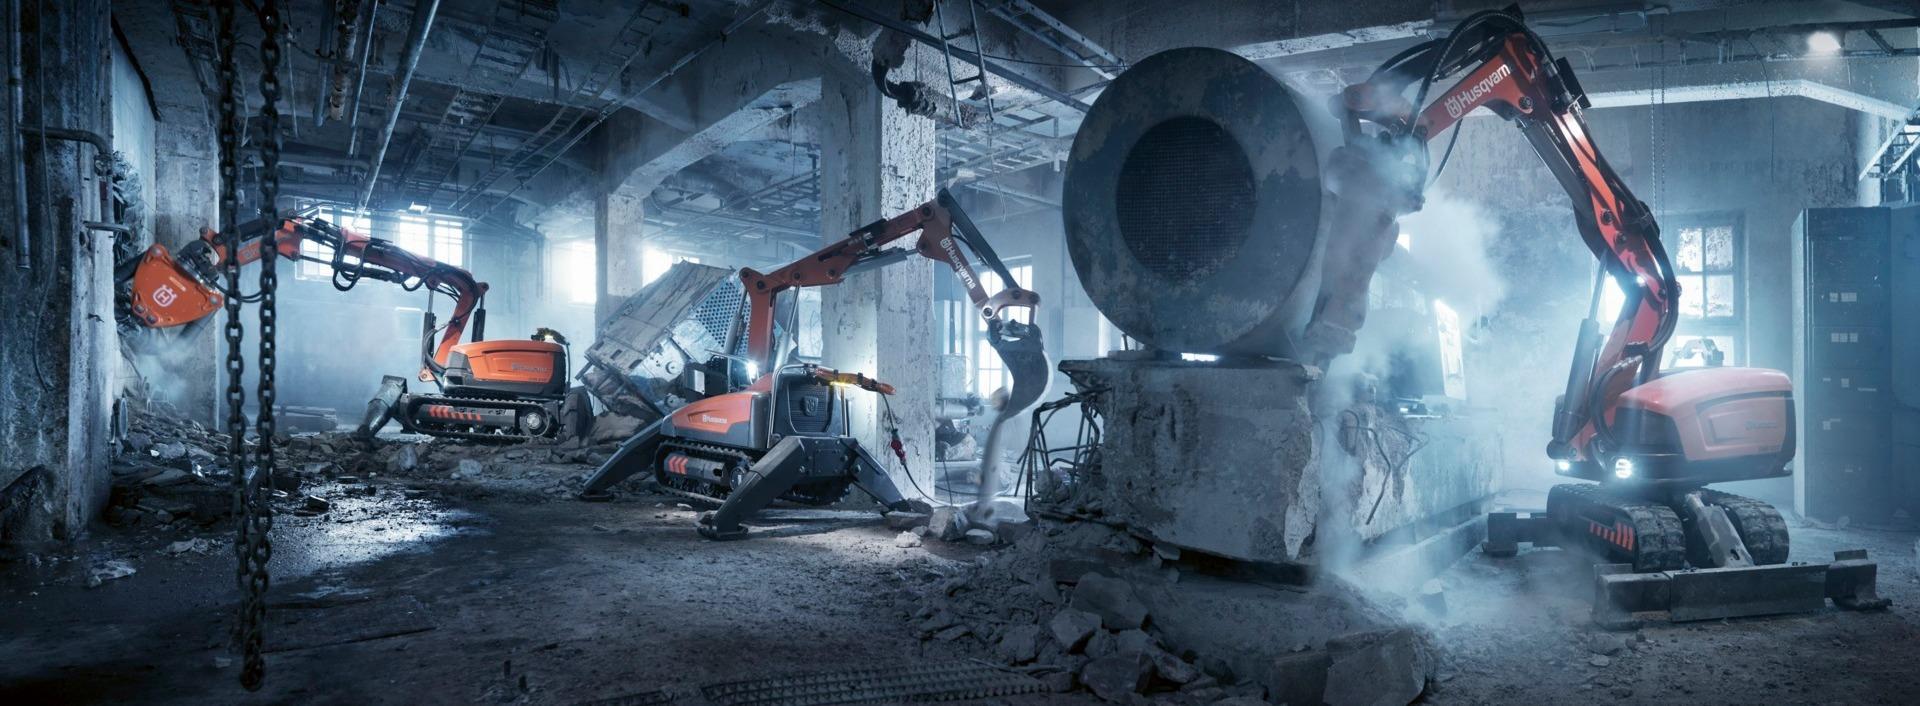 Roboty budowlane Husqvarna Tak wygląda przyszłość  branży rozbiórkowej